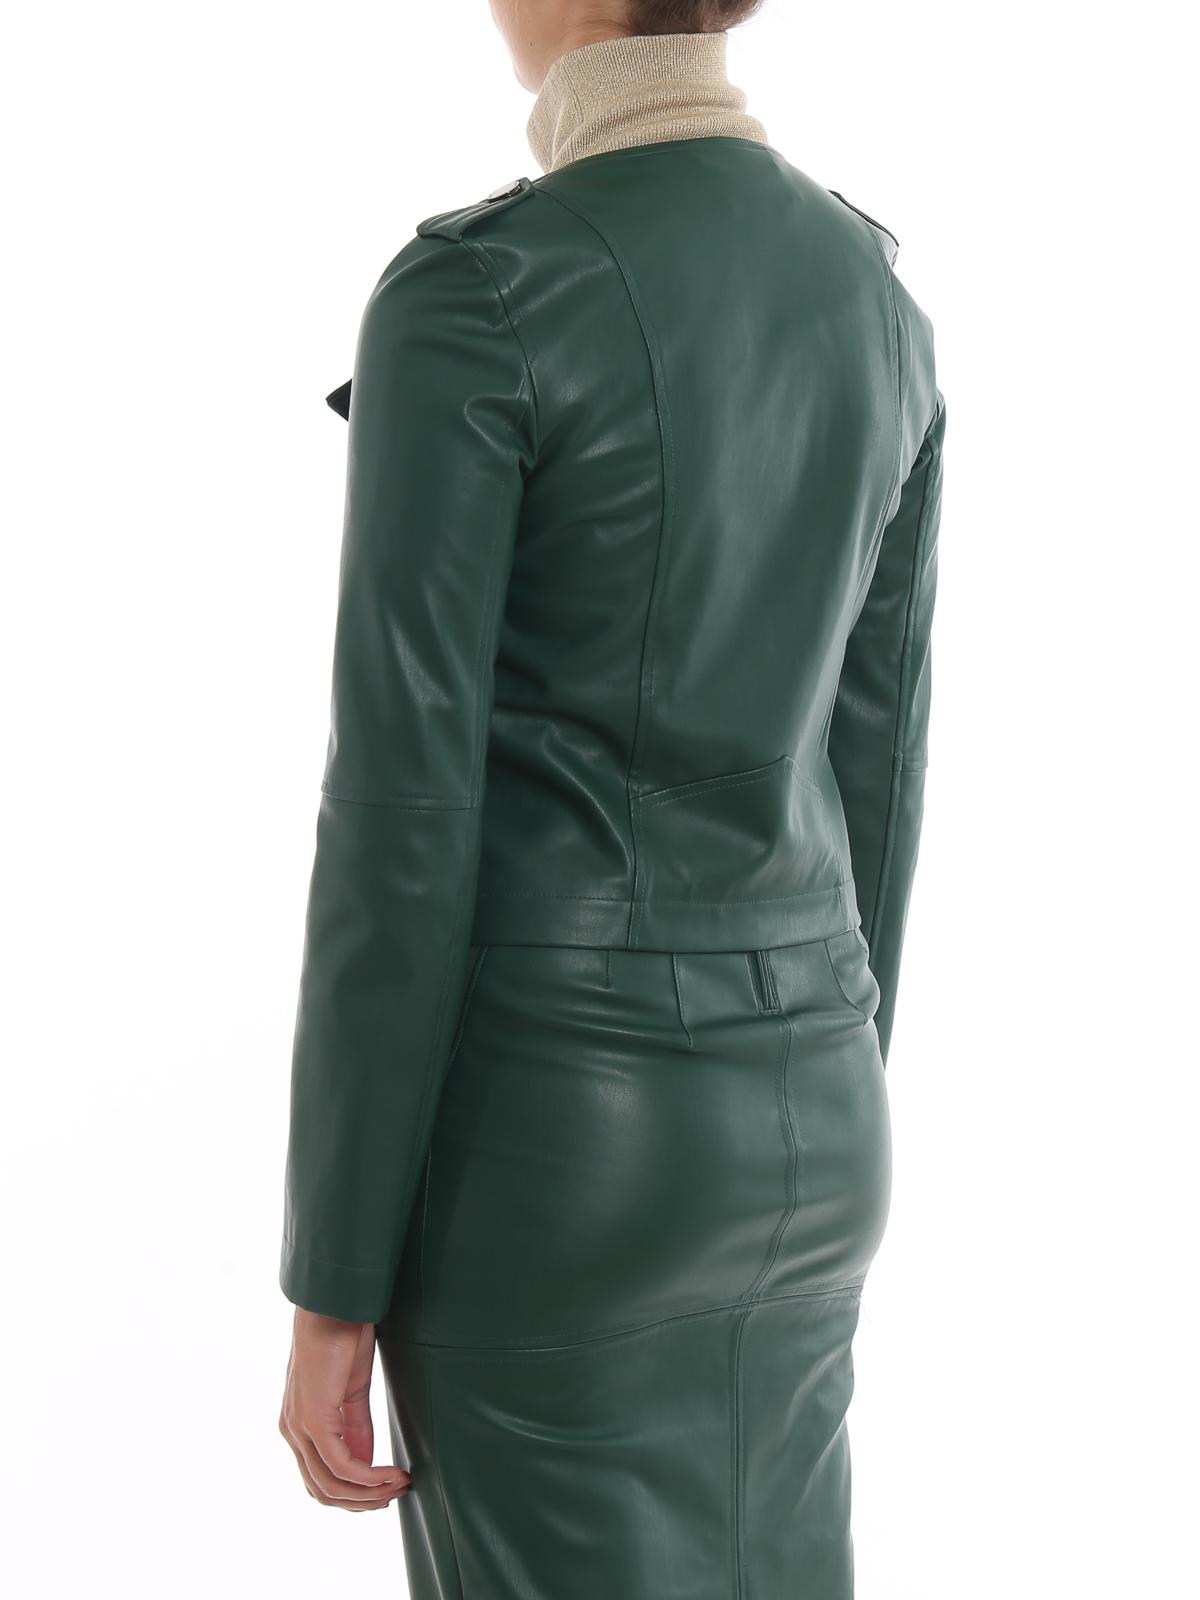 brand new 8e152 f38b9 Patrizia Pepe - Giacca corta in simil pelle - giacche in ...